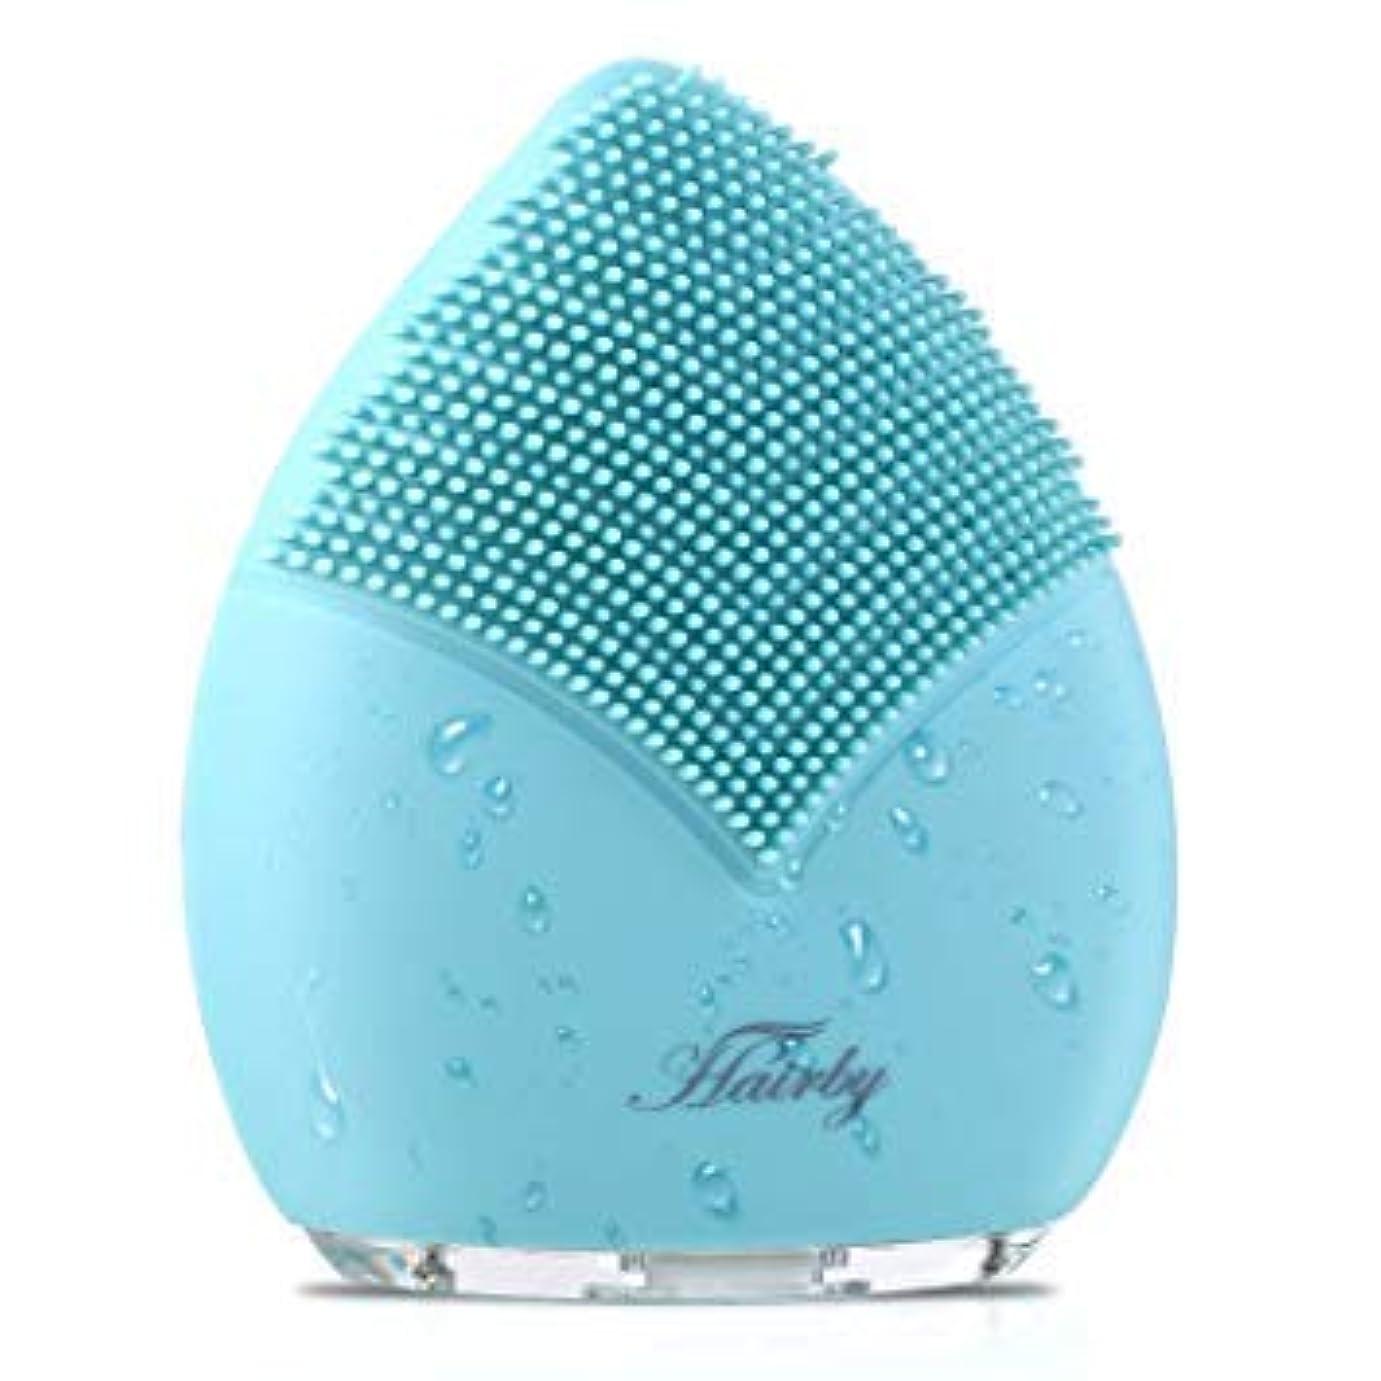 採用する洗練創造[Hairby] [Hairby フェイシャルクレンジングブラシ Facial Cleansing Brush, Silicone Face Brush Sonic Electric Face Cleanser, Ions Massager ] (並行輸入品)